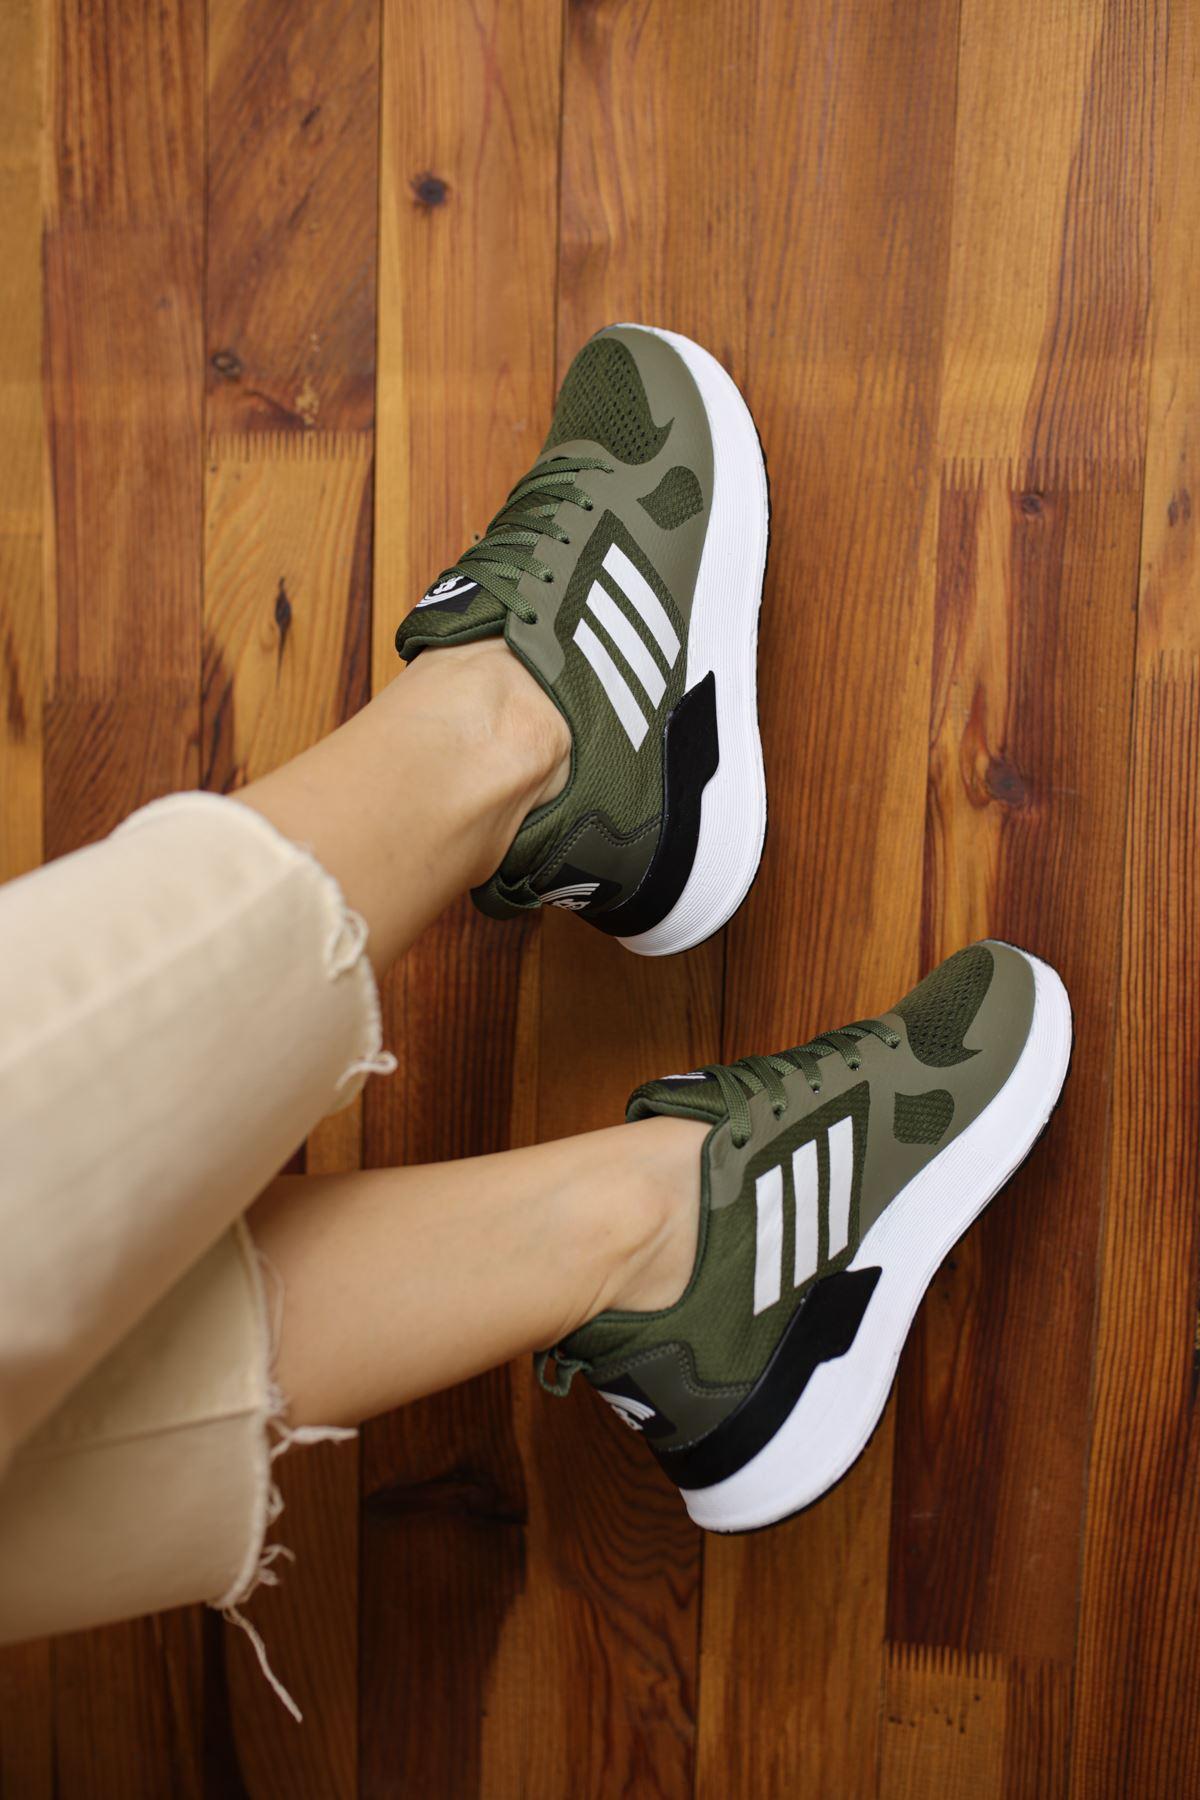 Emma Haki Yeşil Bağcıklı Kadın Spor Ayakkabı